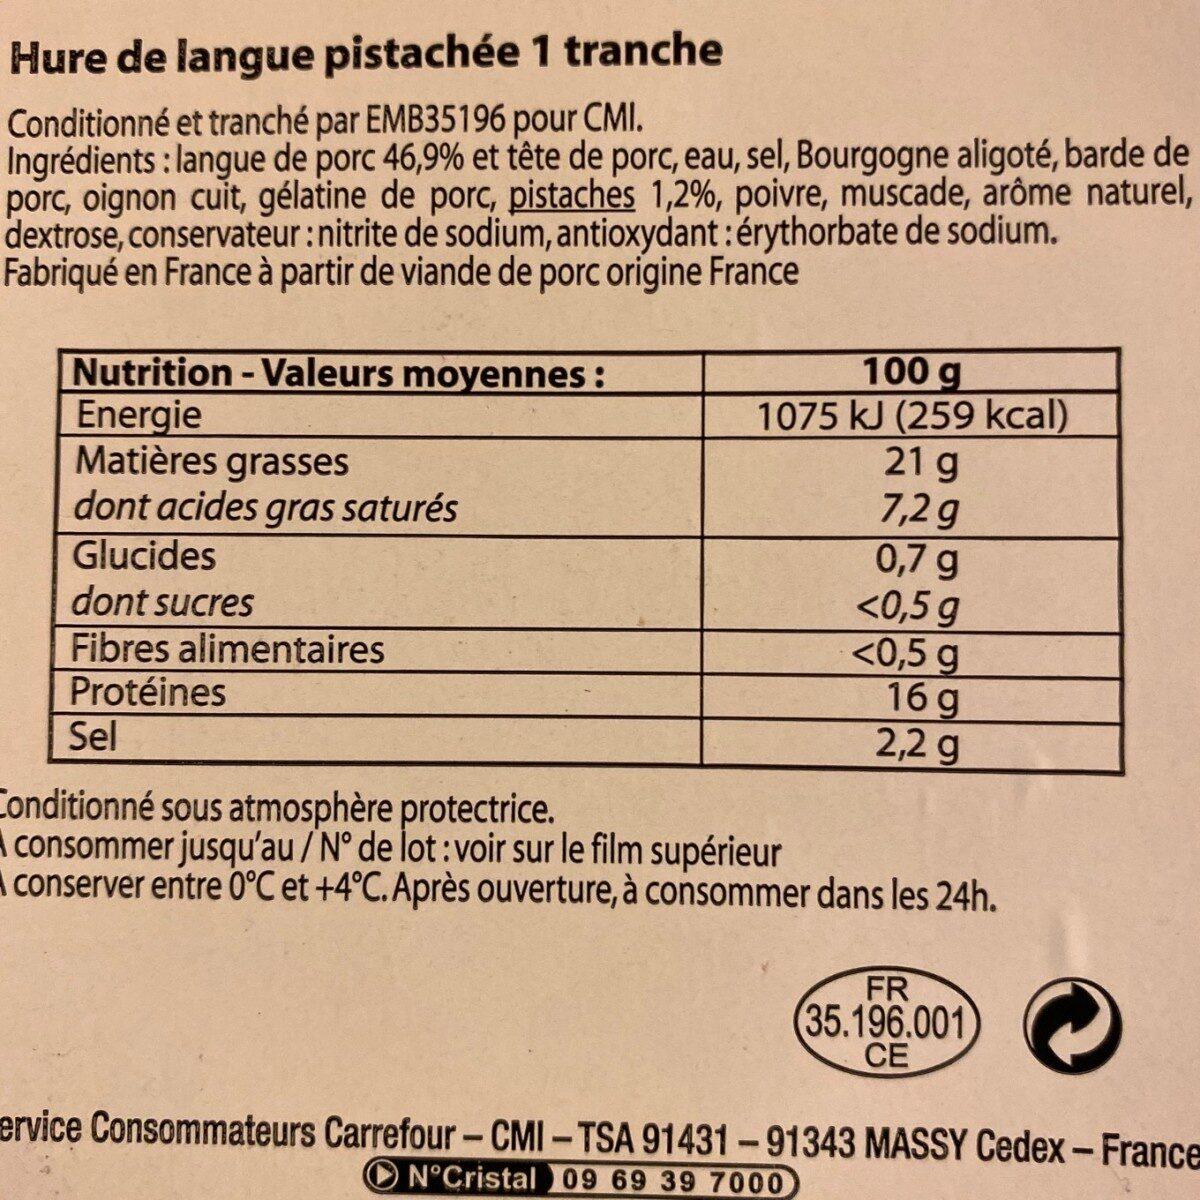 Hure de langue pistachée - Nutrition facts - fr